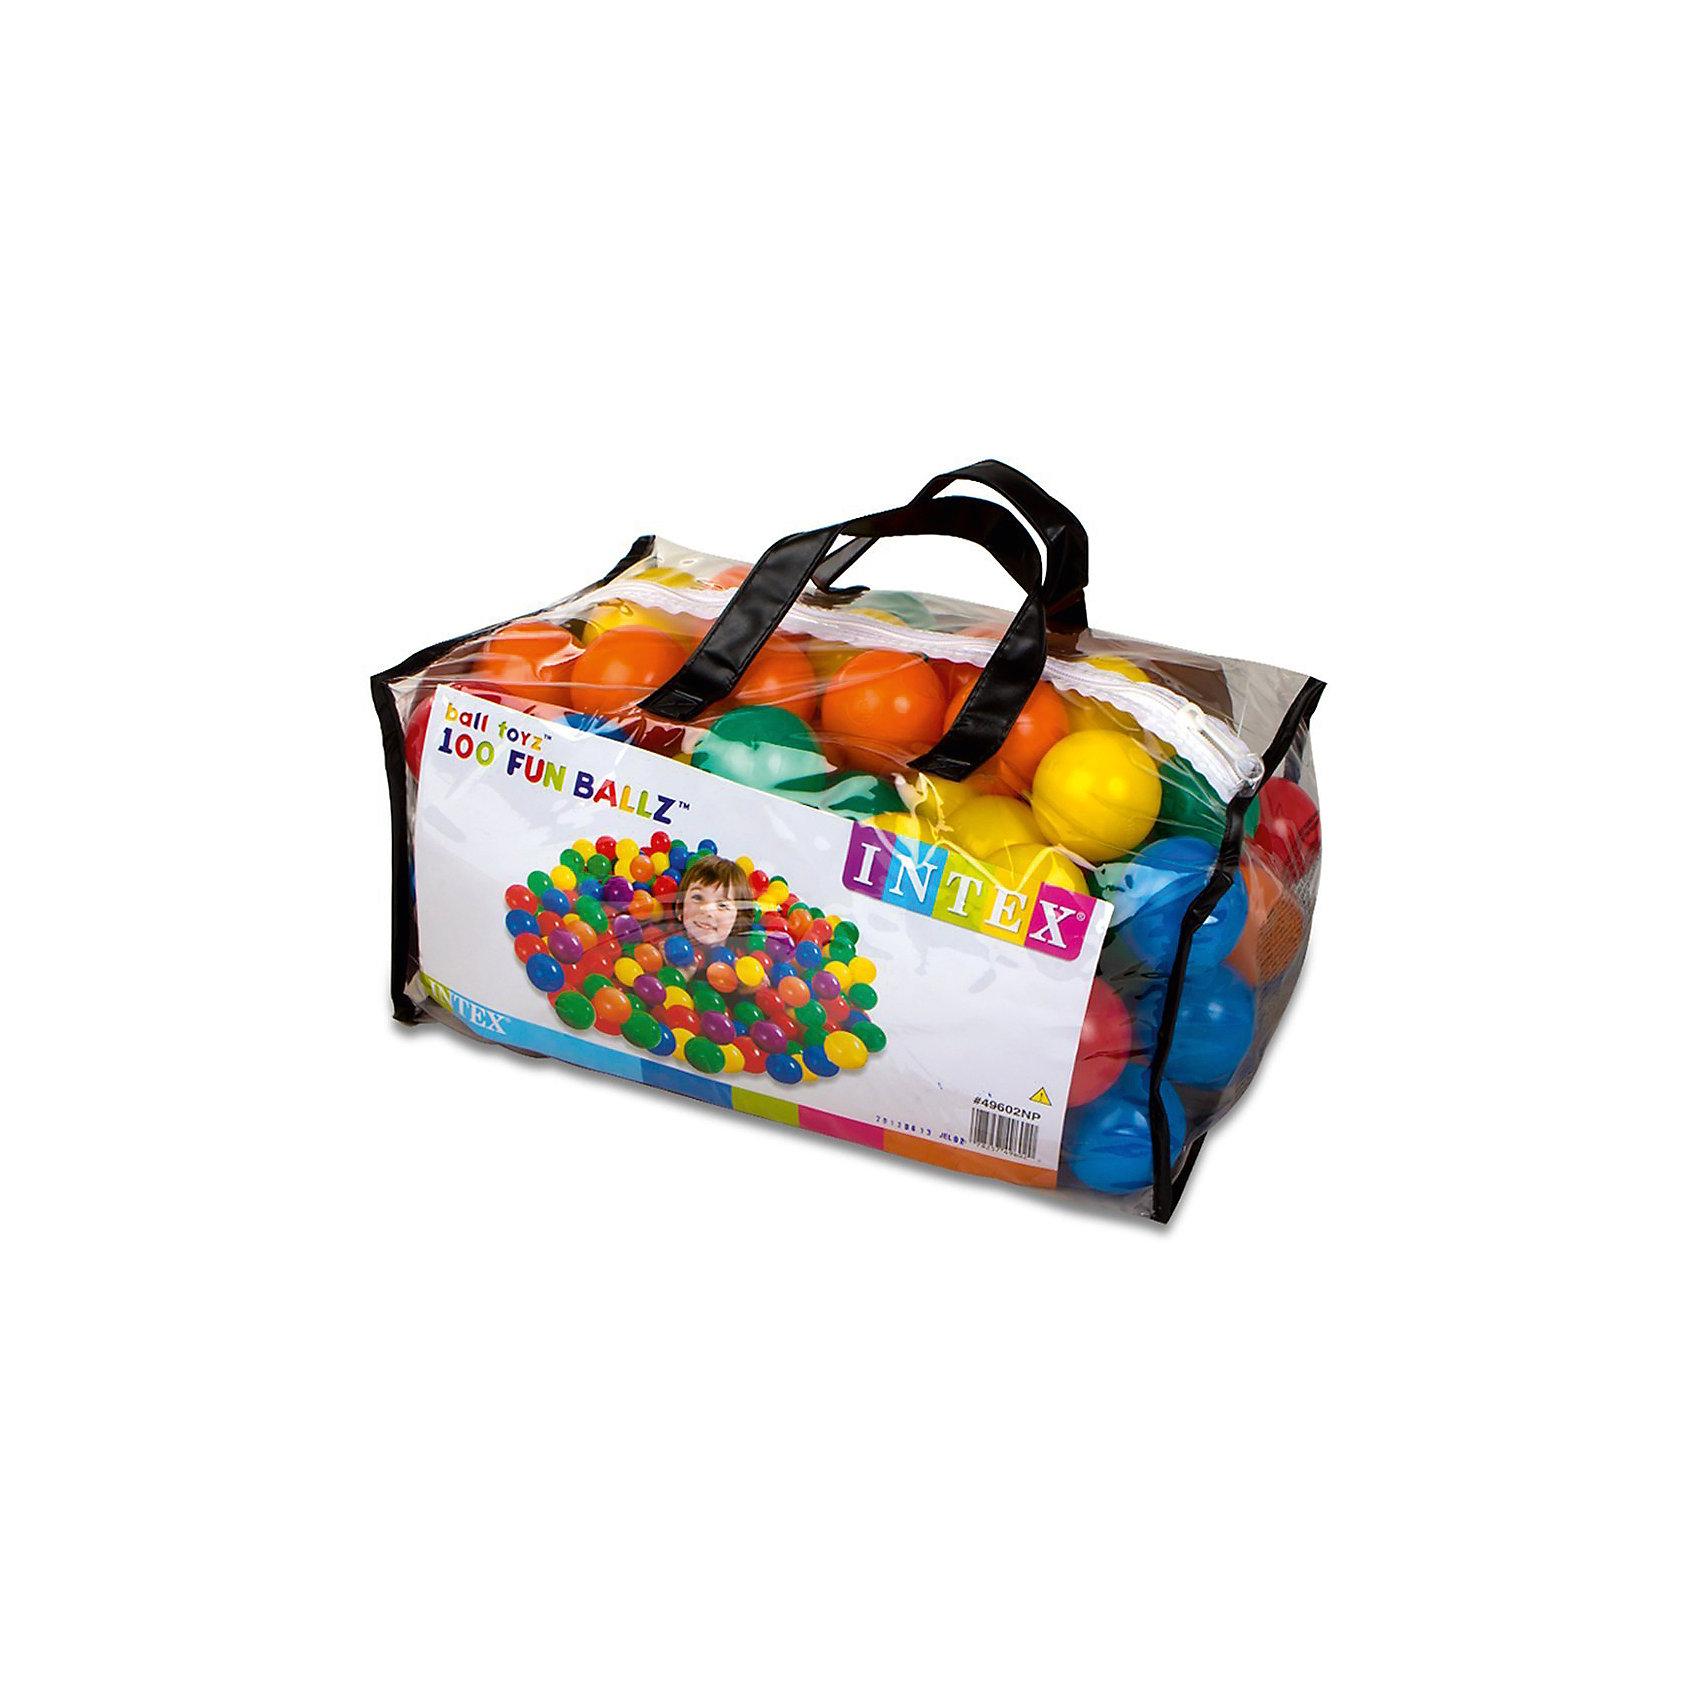 Набор мячей для сухого бассейна, диаметр 6,5см.Шарики для сухого бассейна от компании Интекс станут отличным дополнением к игровому центру. С помощью таких шаров можно учить цвета и играть во множество интересных игр.<br><br>Ширина мм: 225<br>Глубина мм: 450<br>Высота мм: 310<br>Вес г: 990<br>Возраст от месяцев: 36<br>Возраст до месяцев: 120<br>Пол: Мужской<br>Возраст: Детский<br>SKU: 4767356